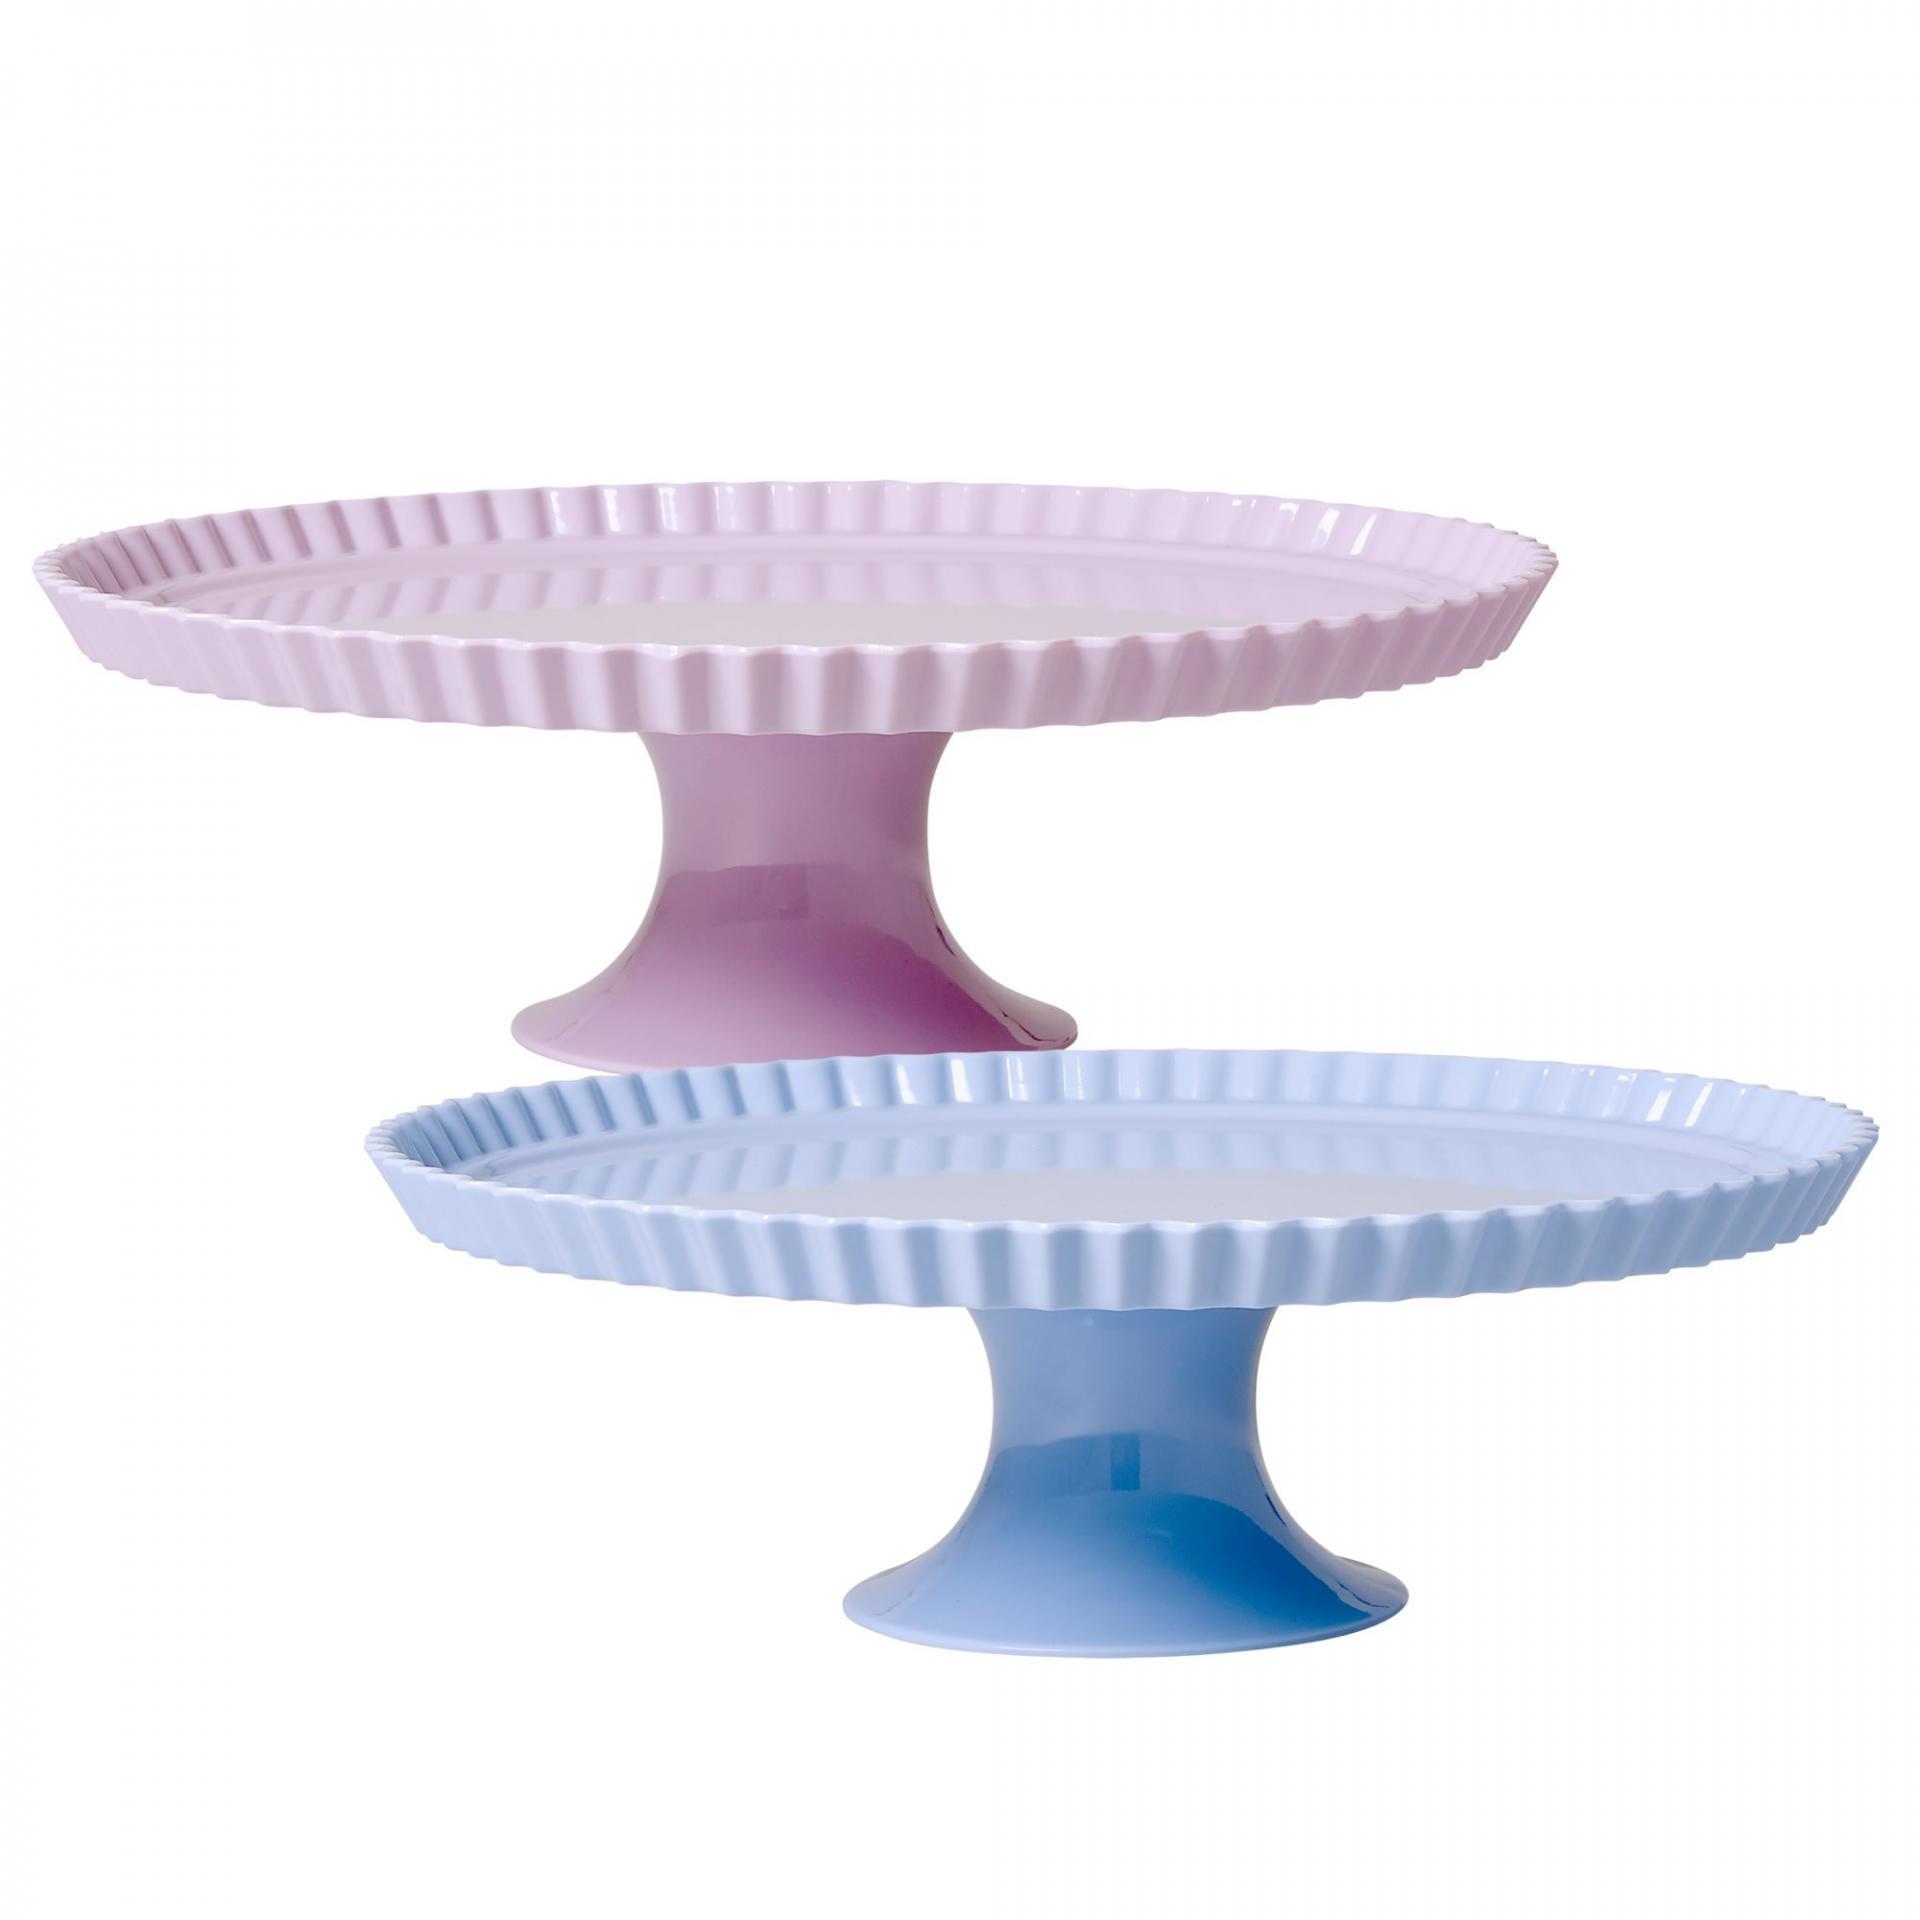 rice Melaminový dortový stojan Modrá, růžová barva, modrá barva, melamin